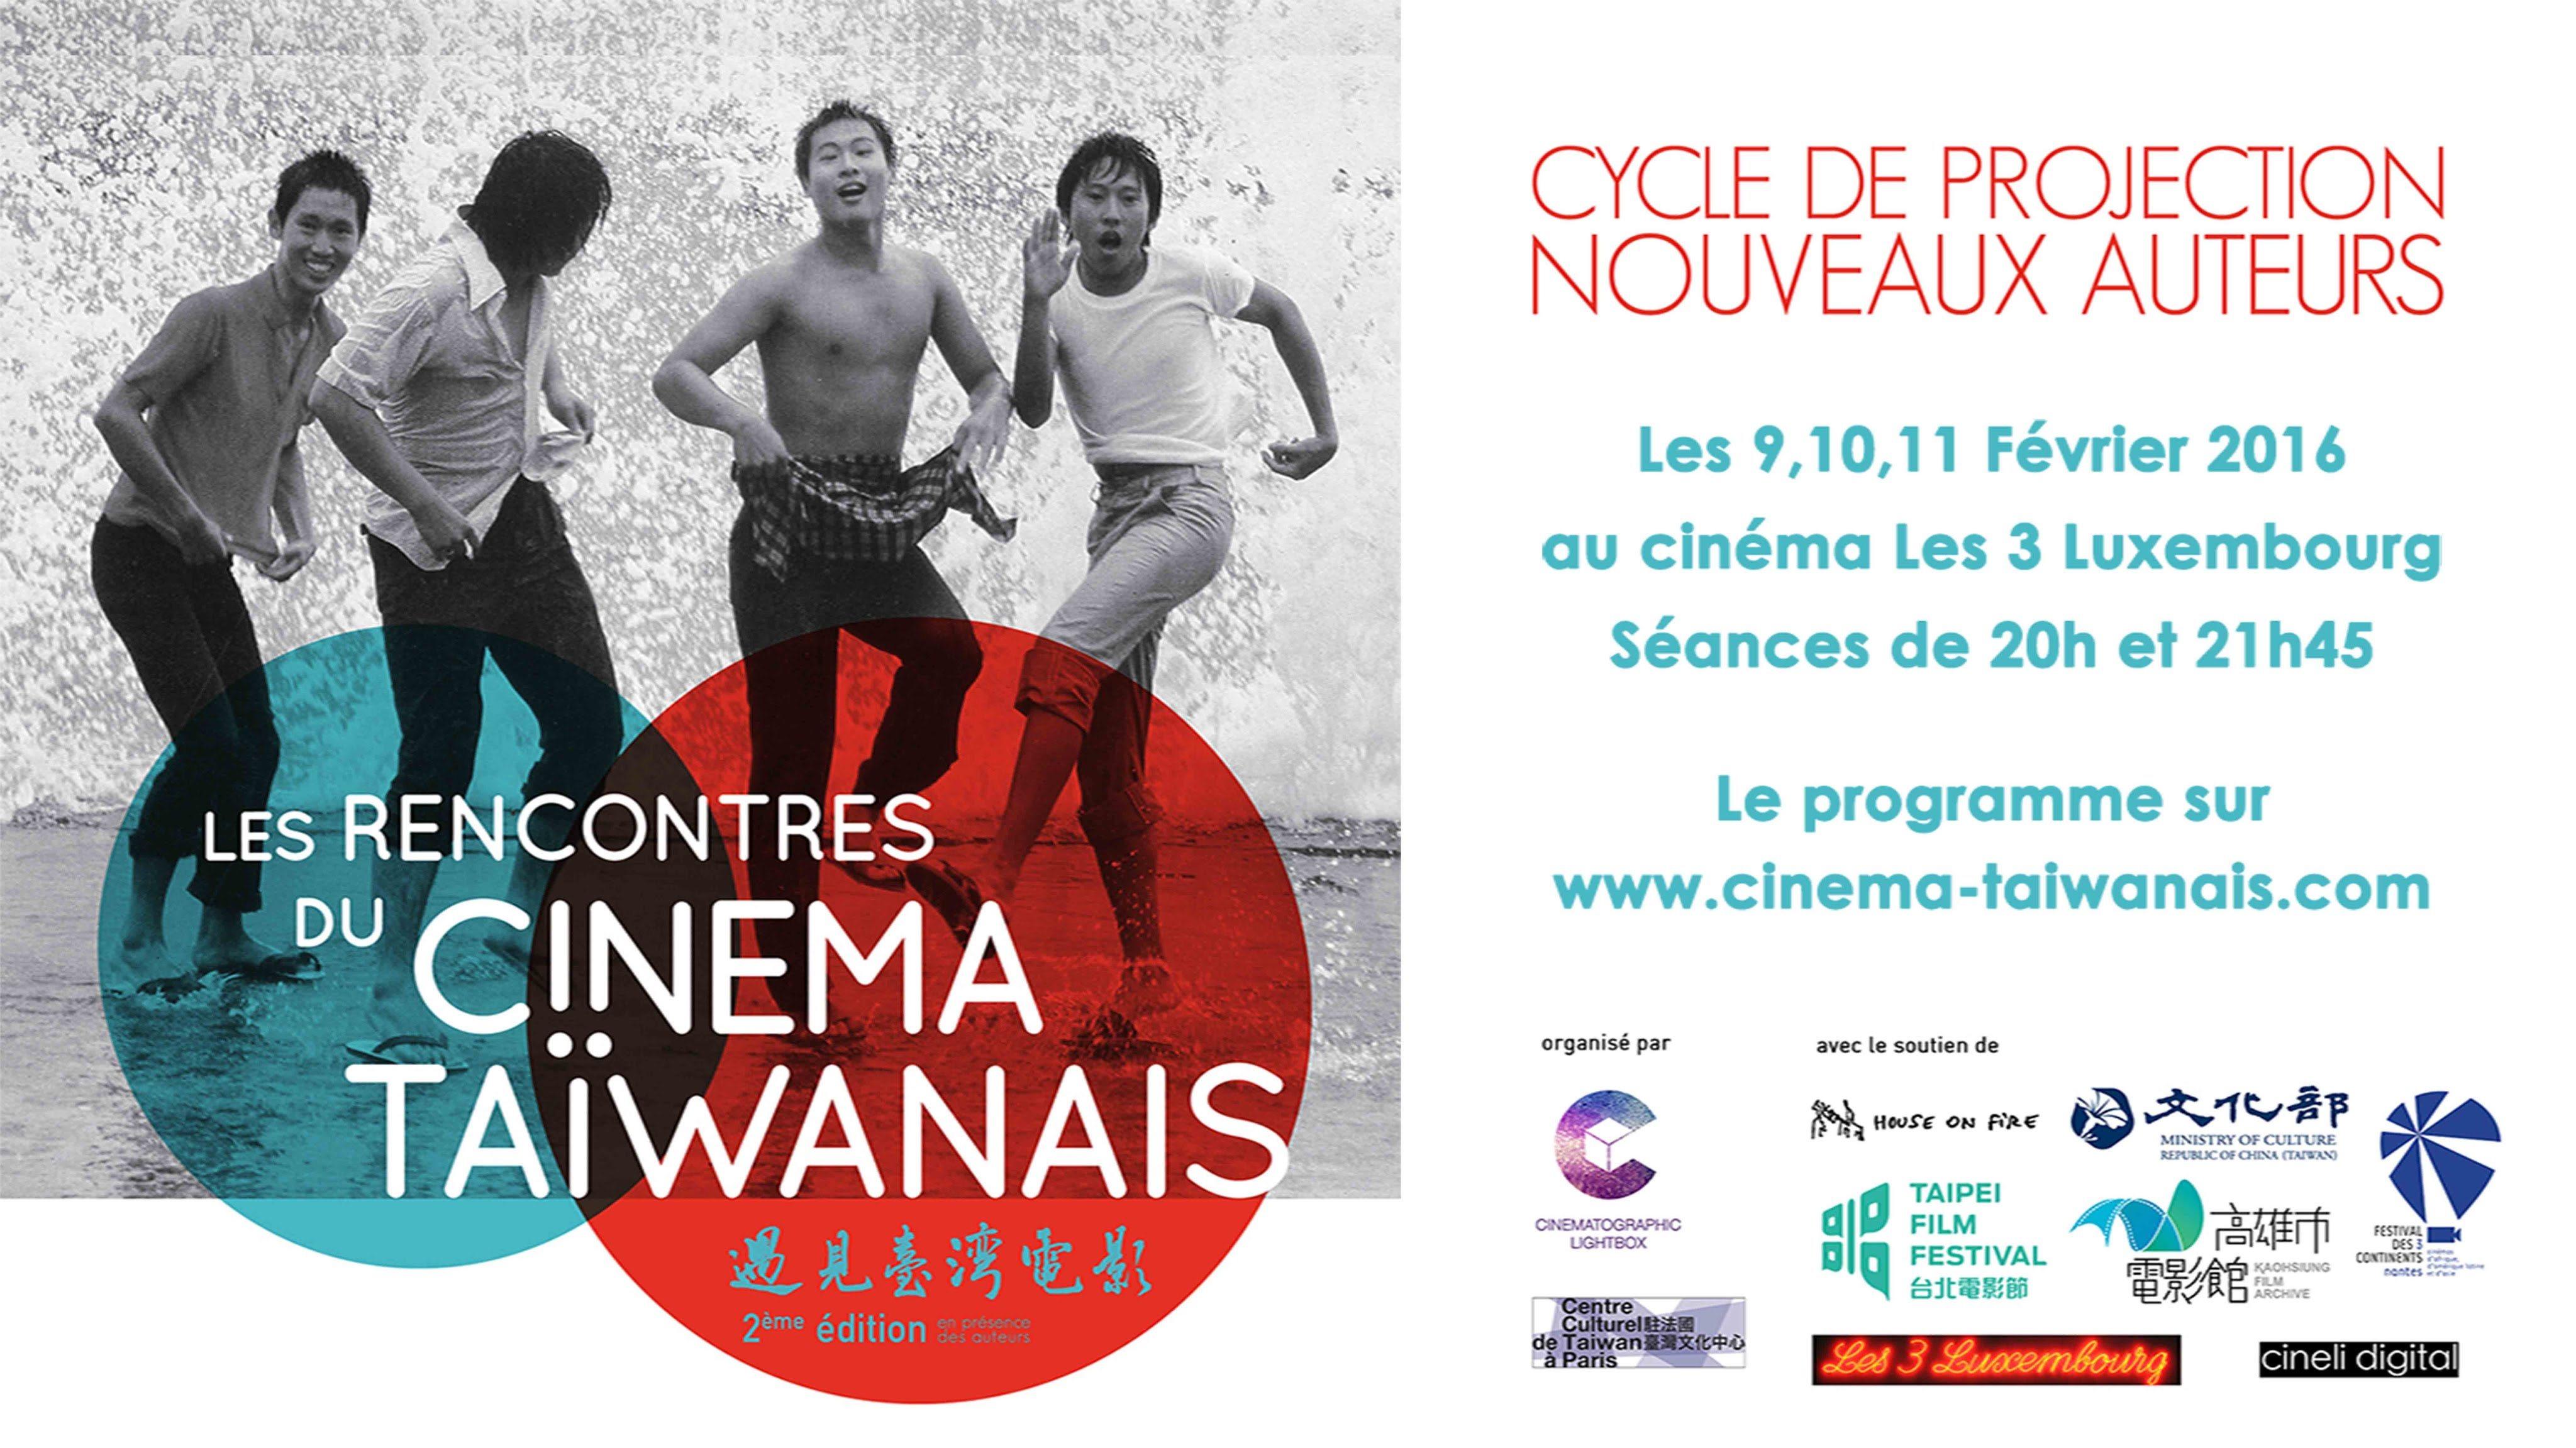 Les Rencontres du Cinéma Taïwanais - Février 2016